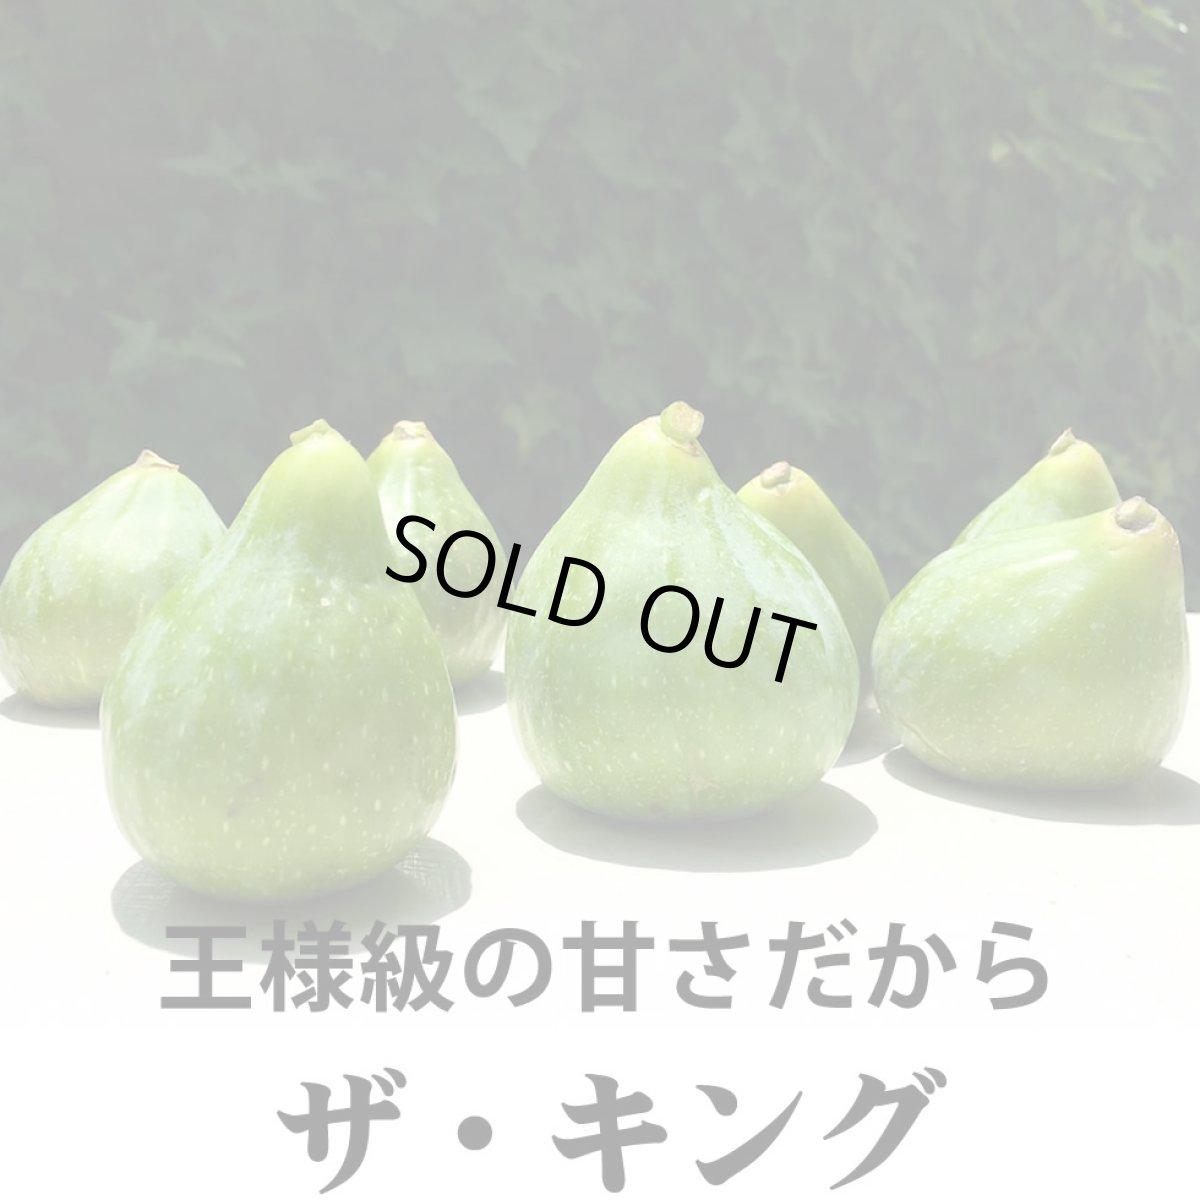 画像1: 無農薬・有機栽培  早生いちじく「ザ キング」  2パック約1kg 送料込 (1)